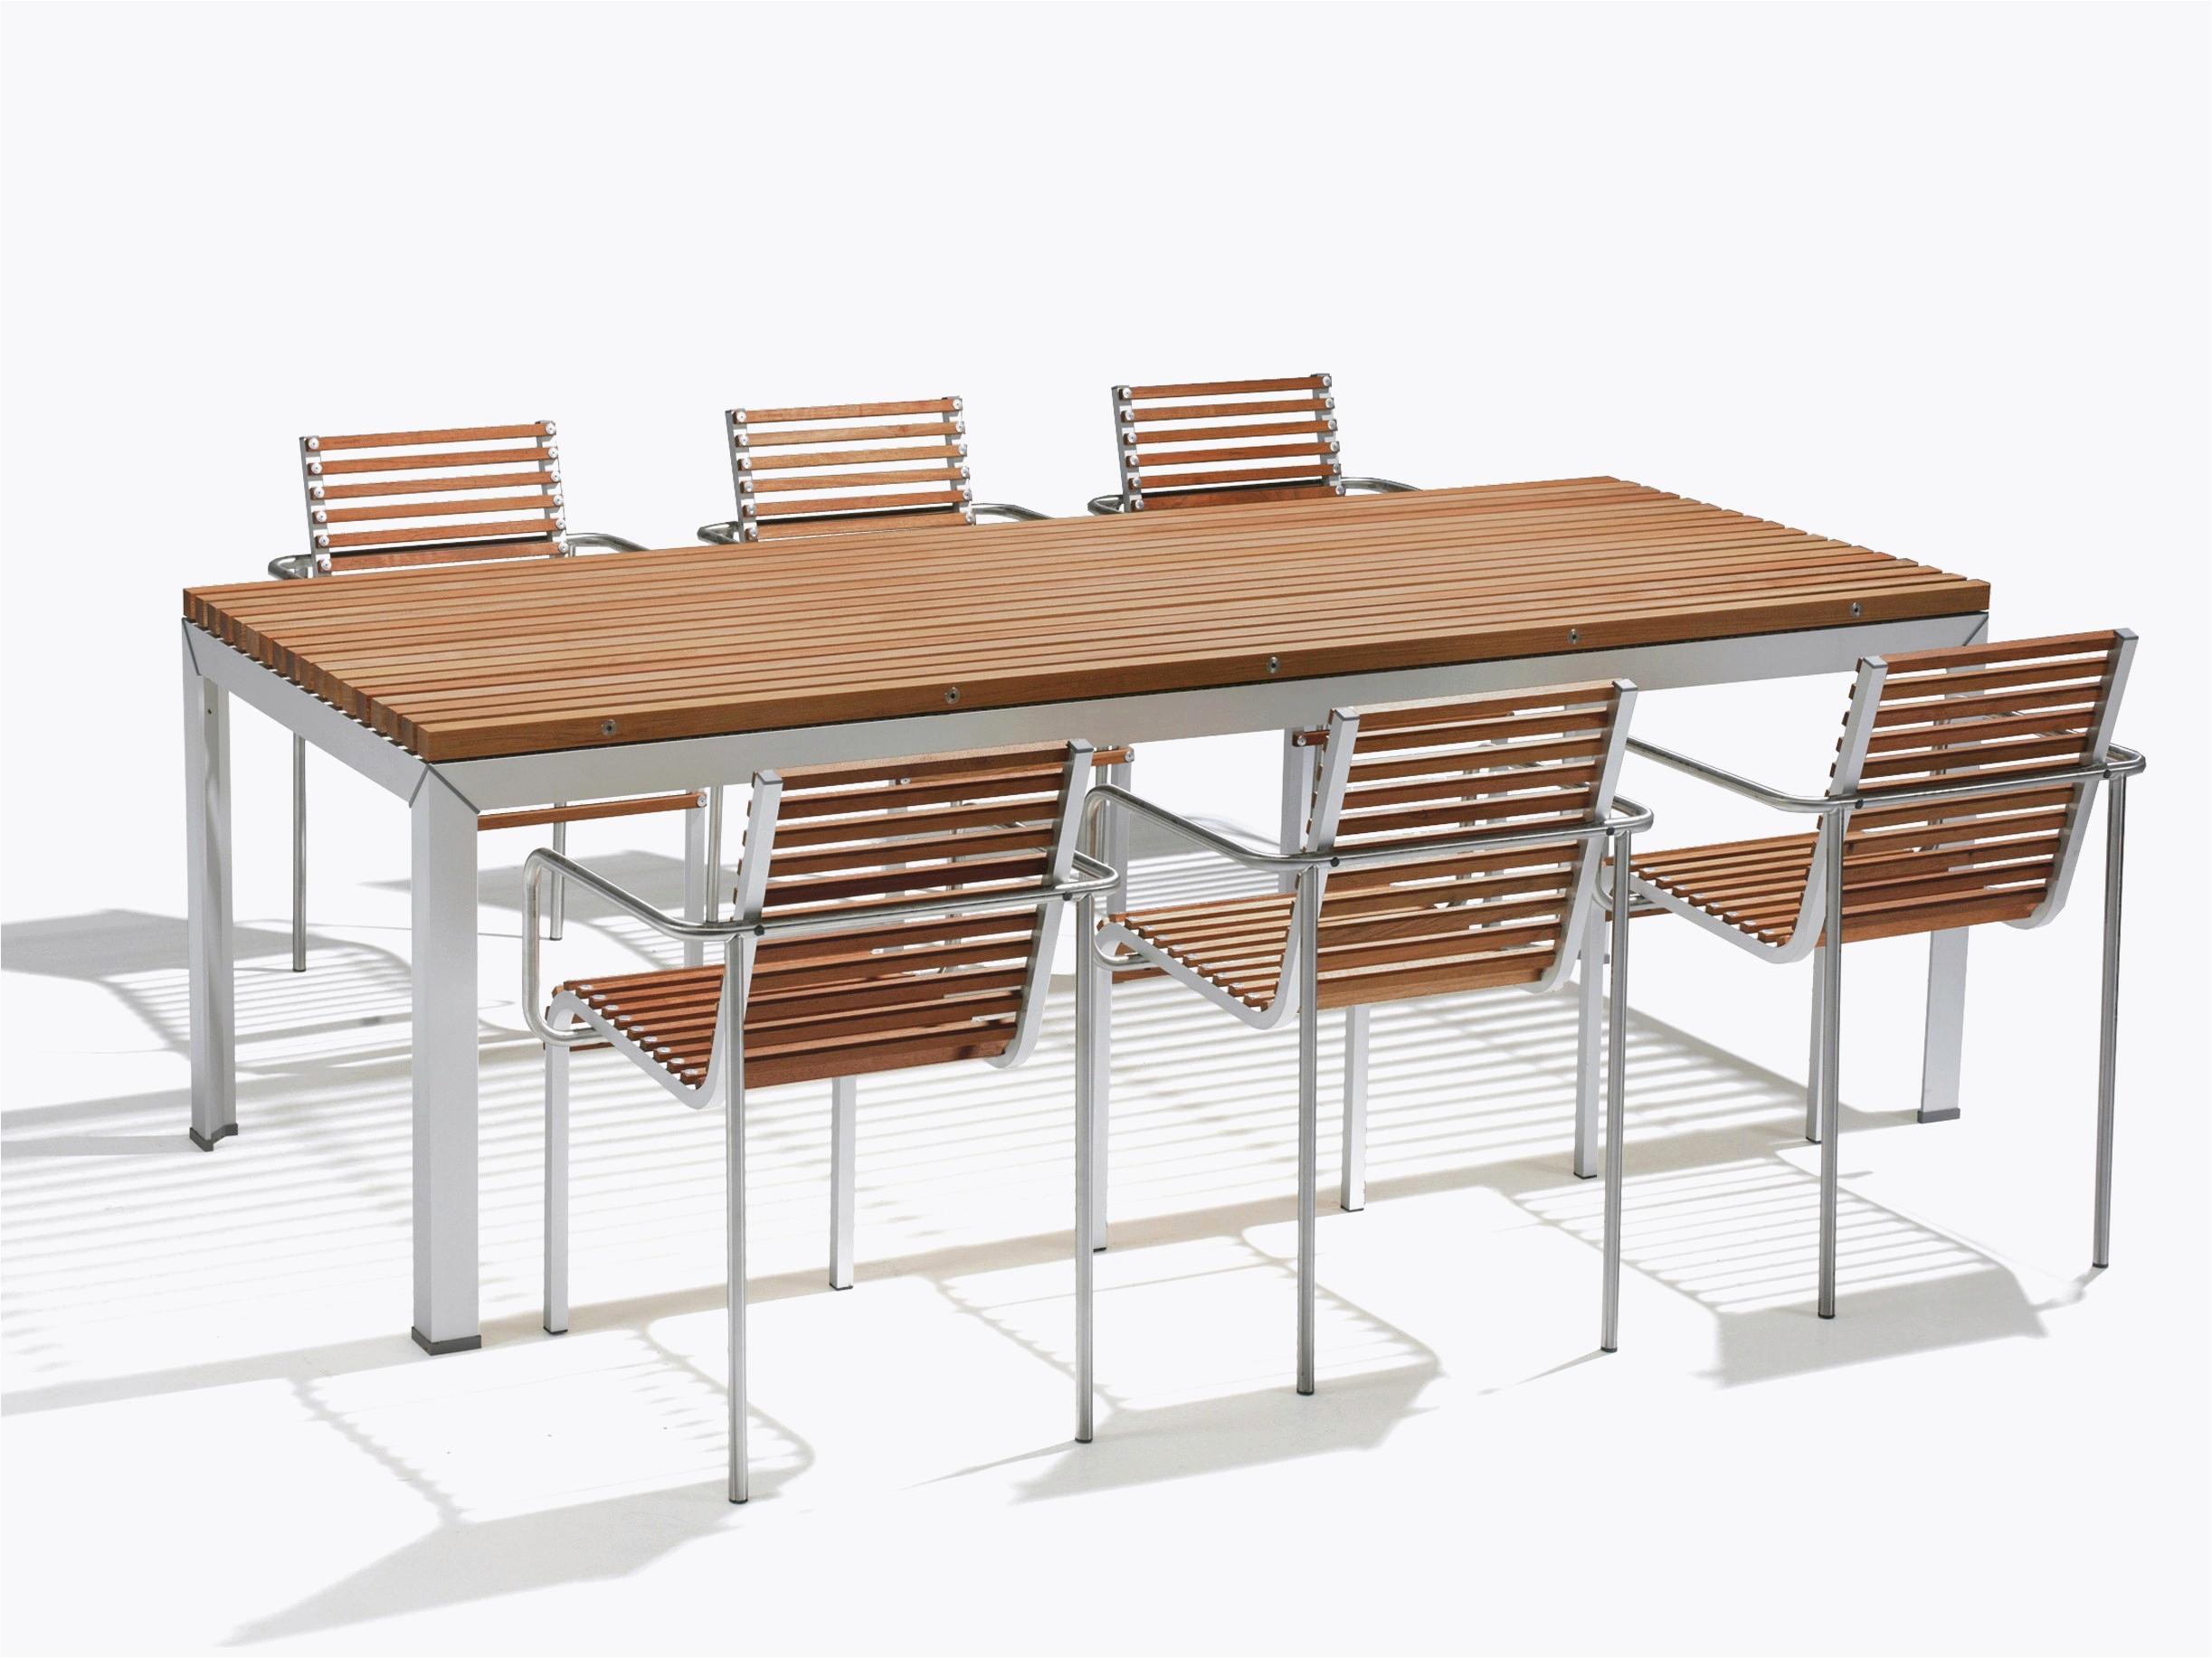 45 Génial Table De Jardin Intermarche | Meuble Bois Massif dedans Table De Jardin Intermarché